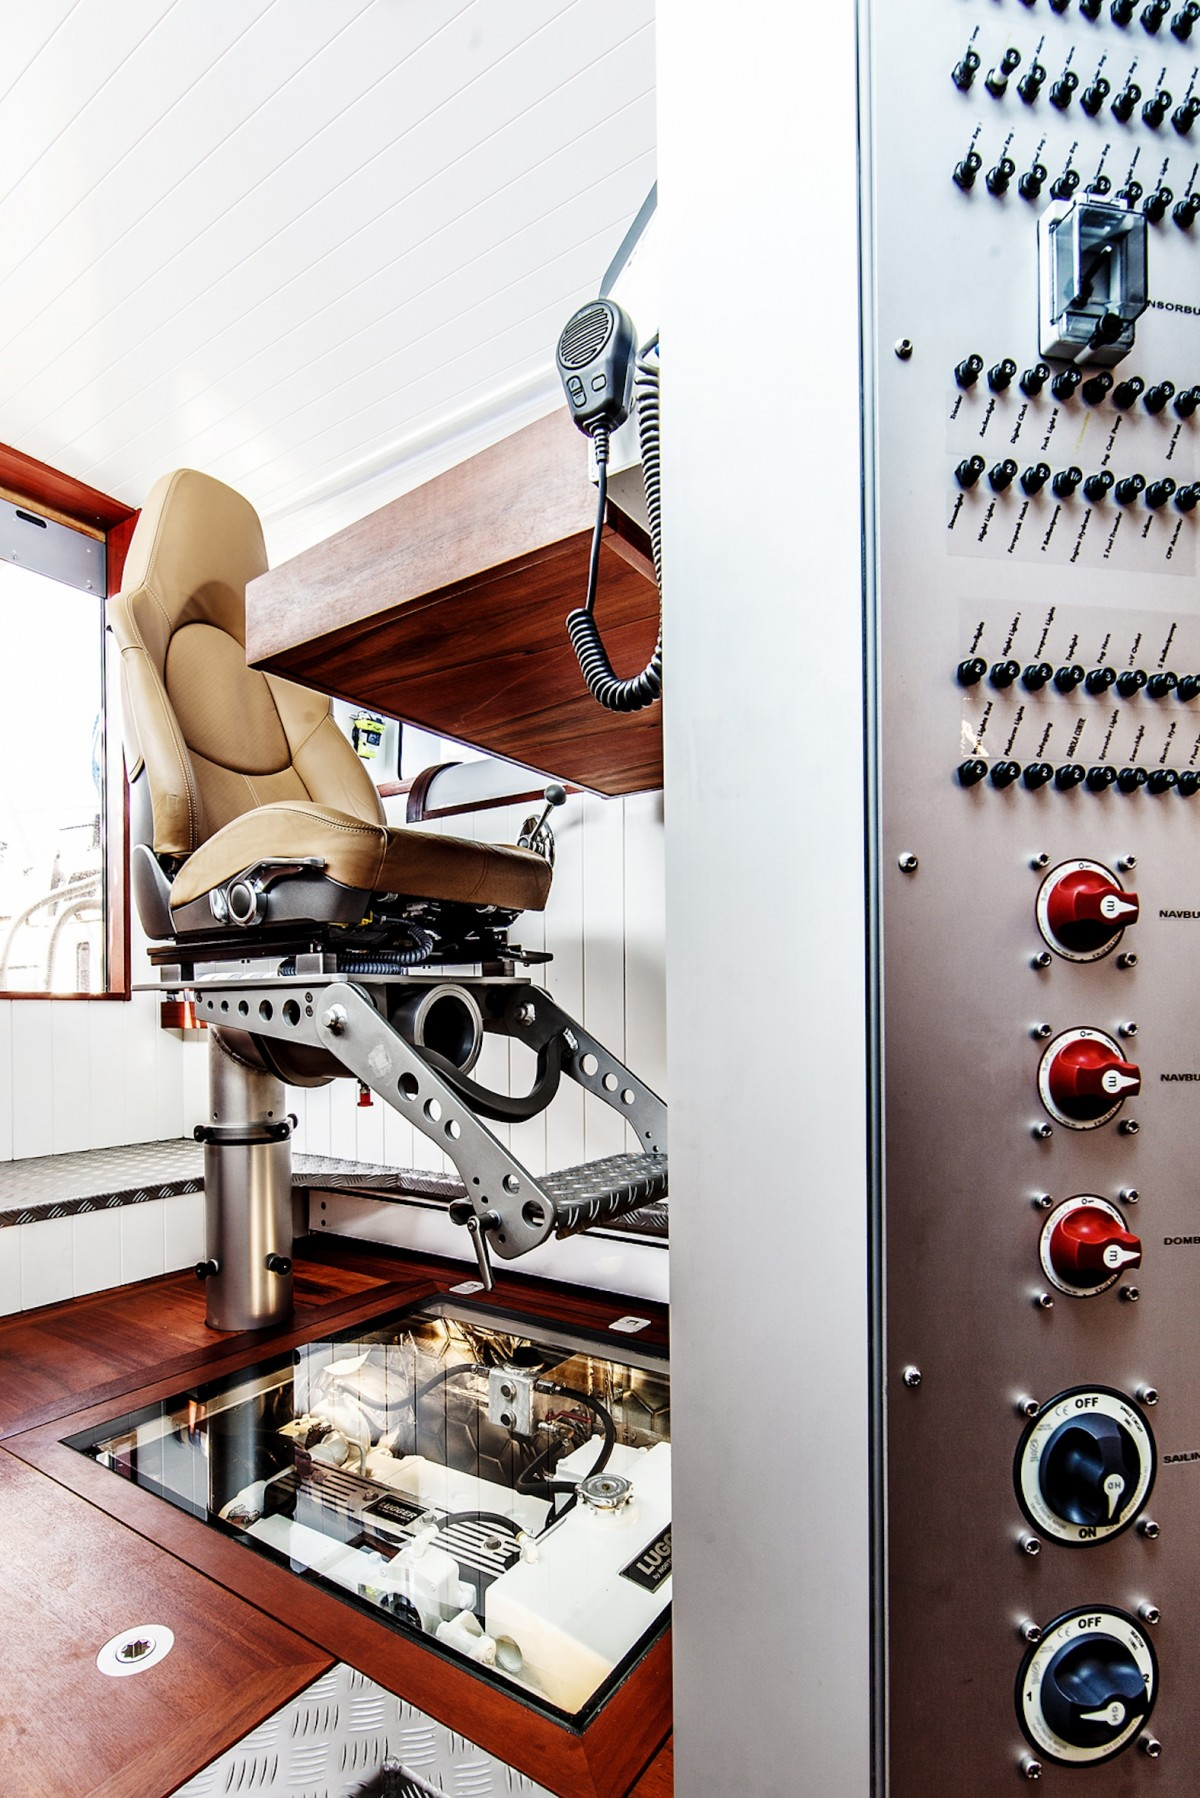 Kaptensstolen med vad som ser ut som en glasskiva ned mot maskinen.